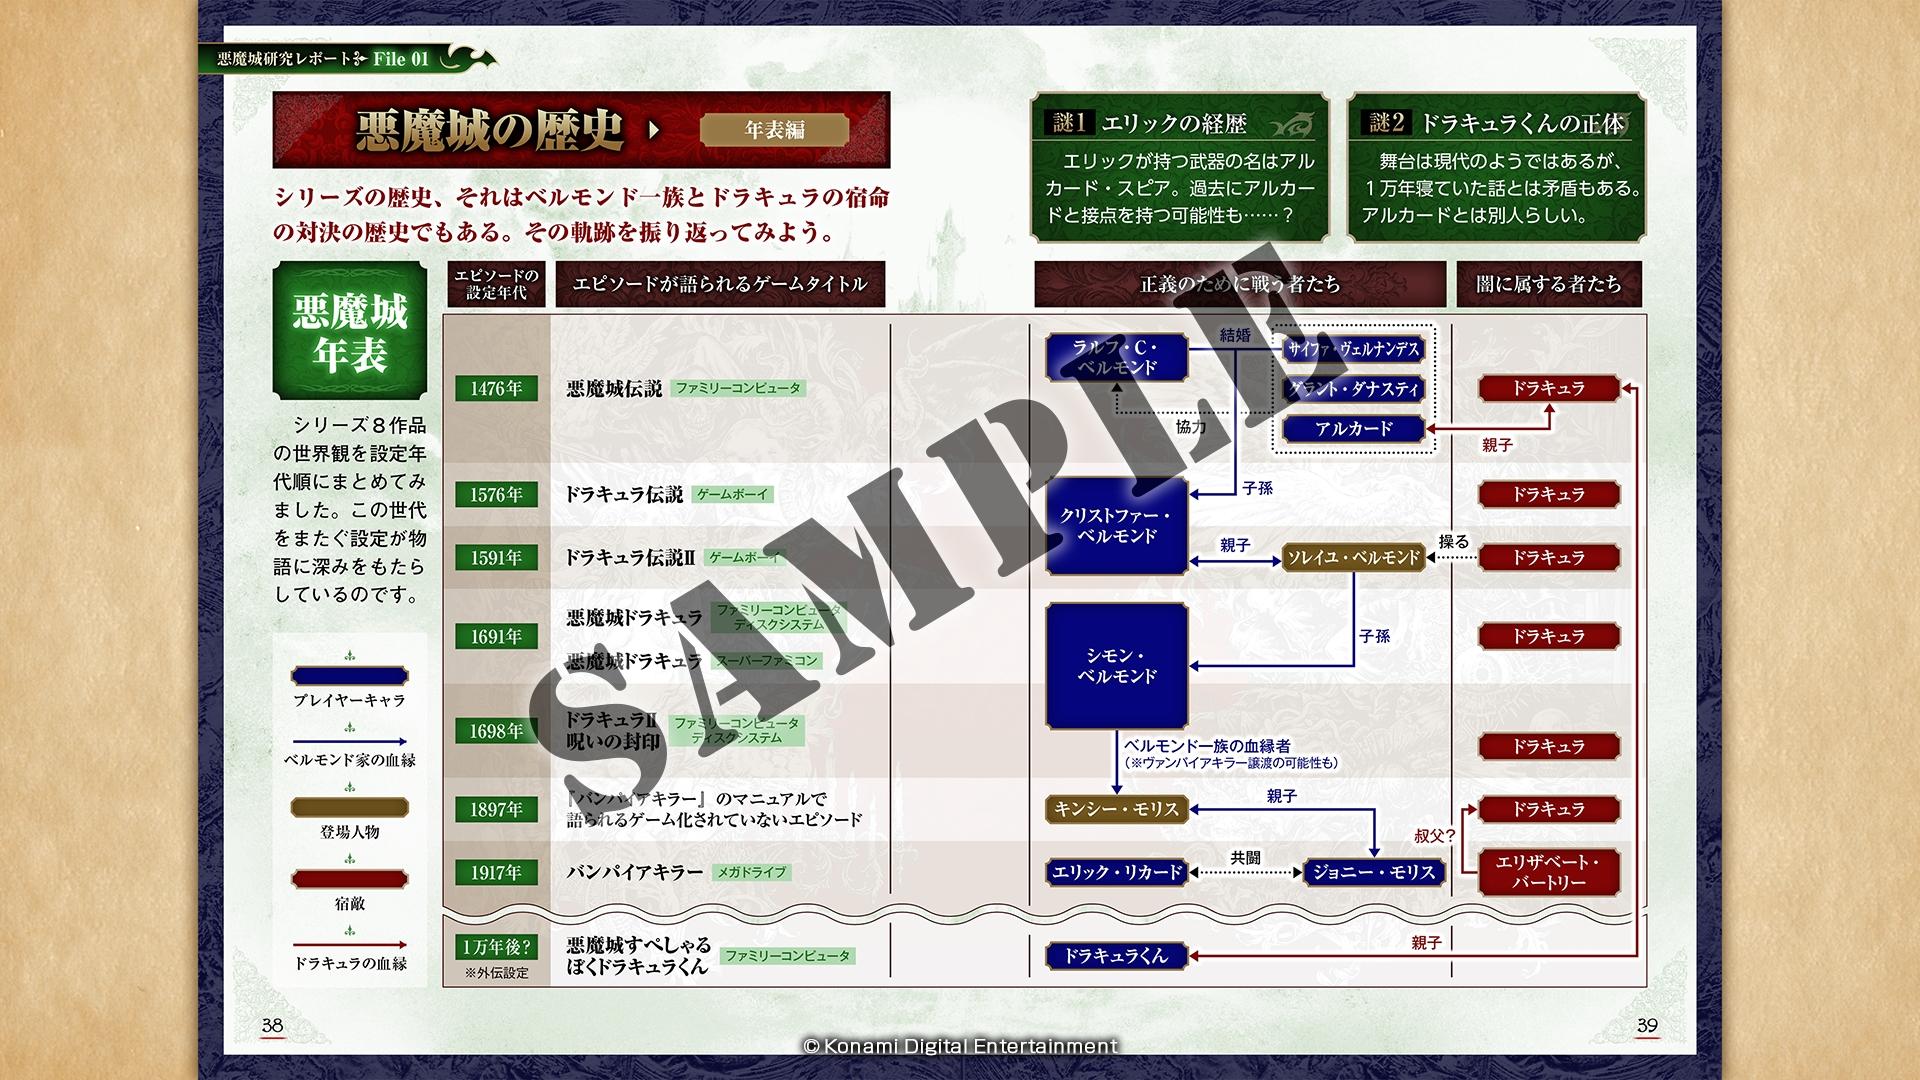 《恶魔城:纪念合集》登陆各平台 珍藏资料集早购附赠